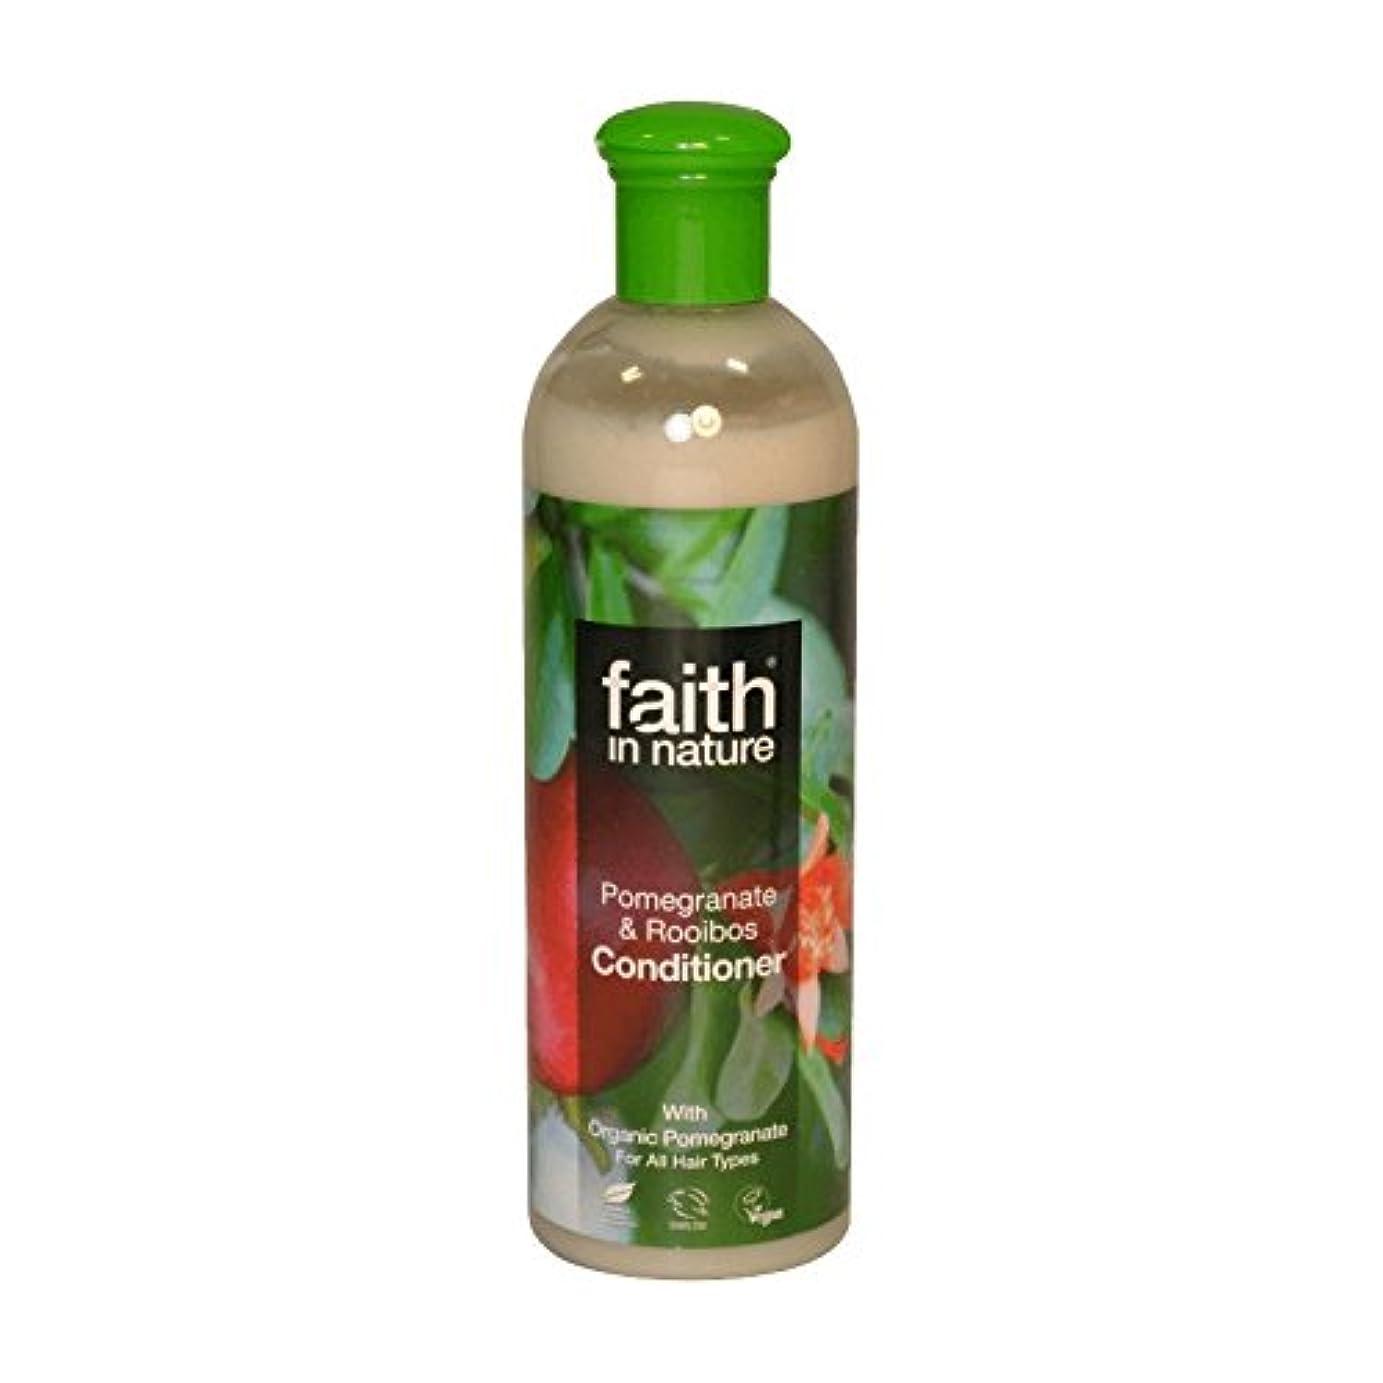 許可するサービスチェスをするFaith in Nature Pomegranate & Roobios Conditioner 400ml (Pack of 6) - 自然ザクロ&Roobiosコンディショナー400ミリリットルの信仰 (x6) [...